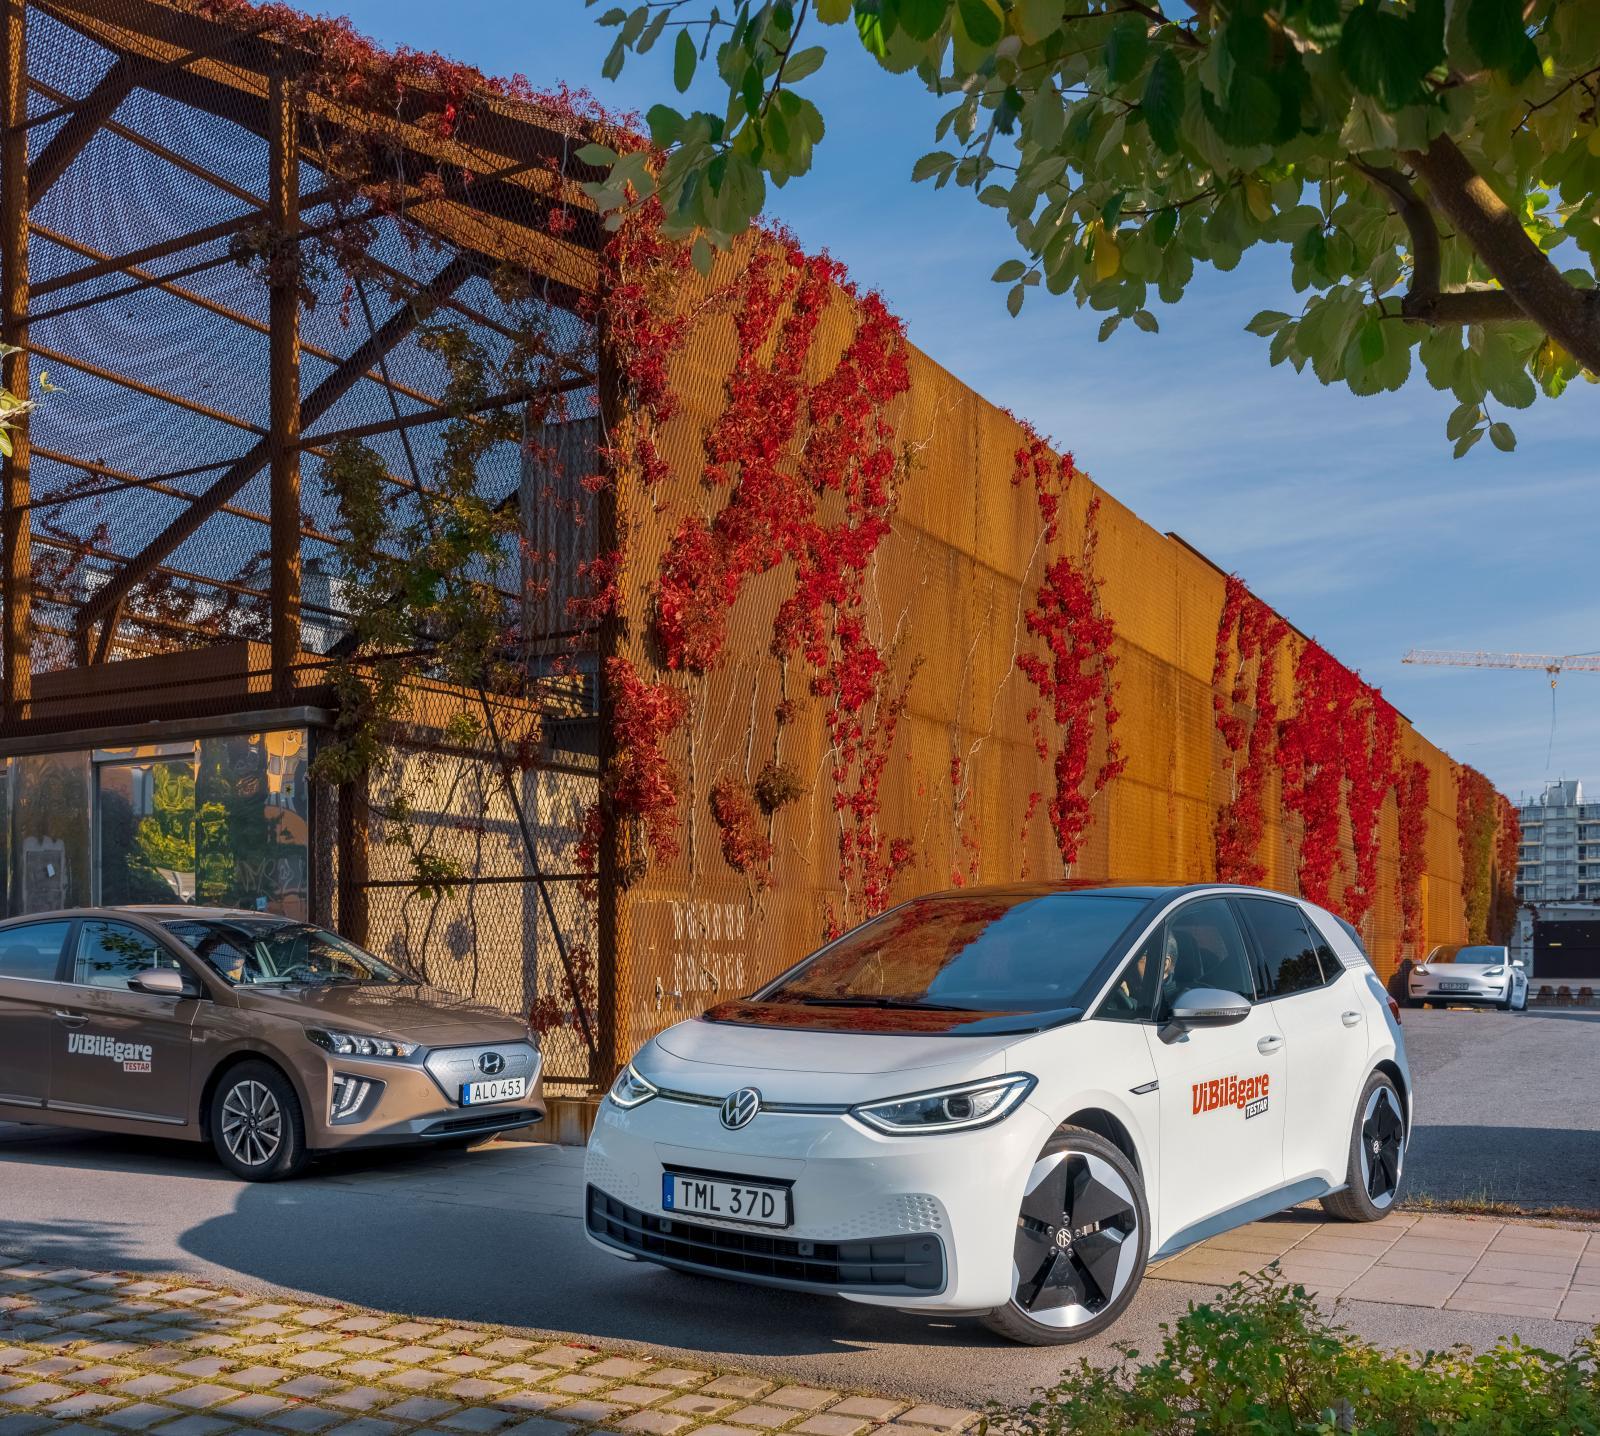 """Två olika filosofier att formge elbil. Hyundai Ioniq skyltar knappast med sin drivkälla medan Volkswagen ID.3 formligen ropar """"Titta så modern och eldriven jag är!"""""""